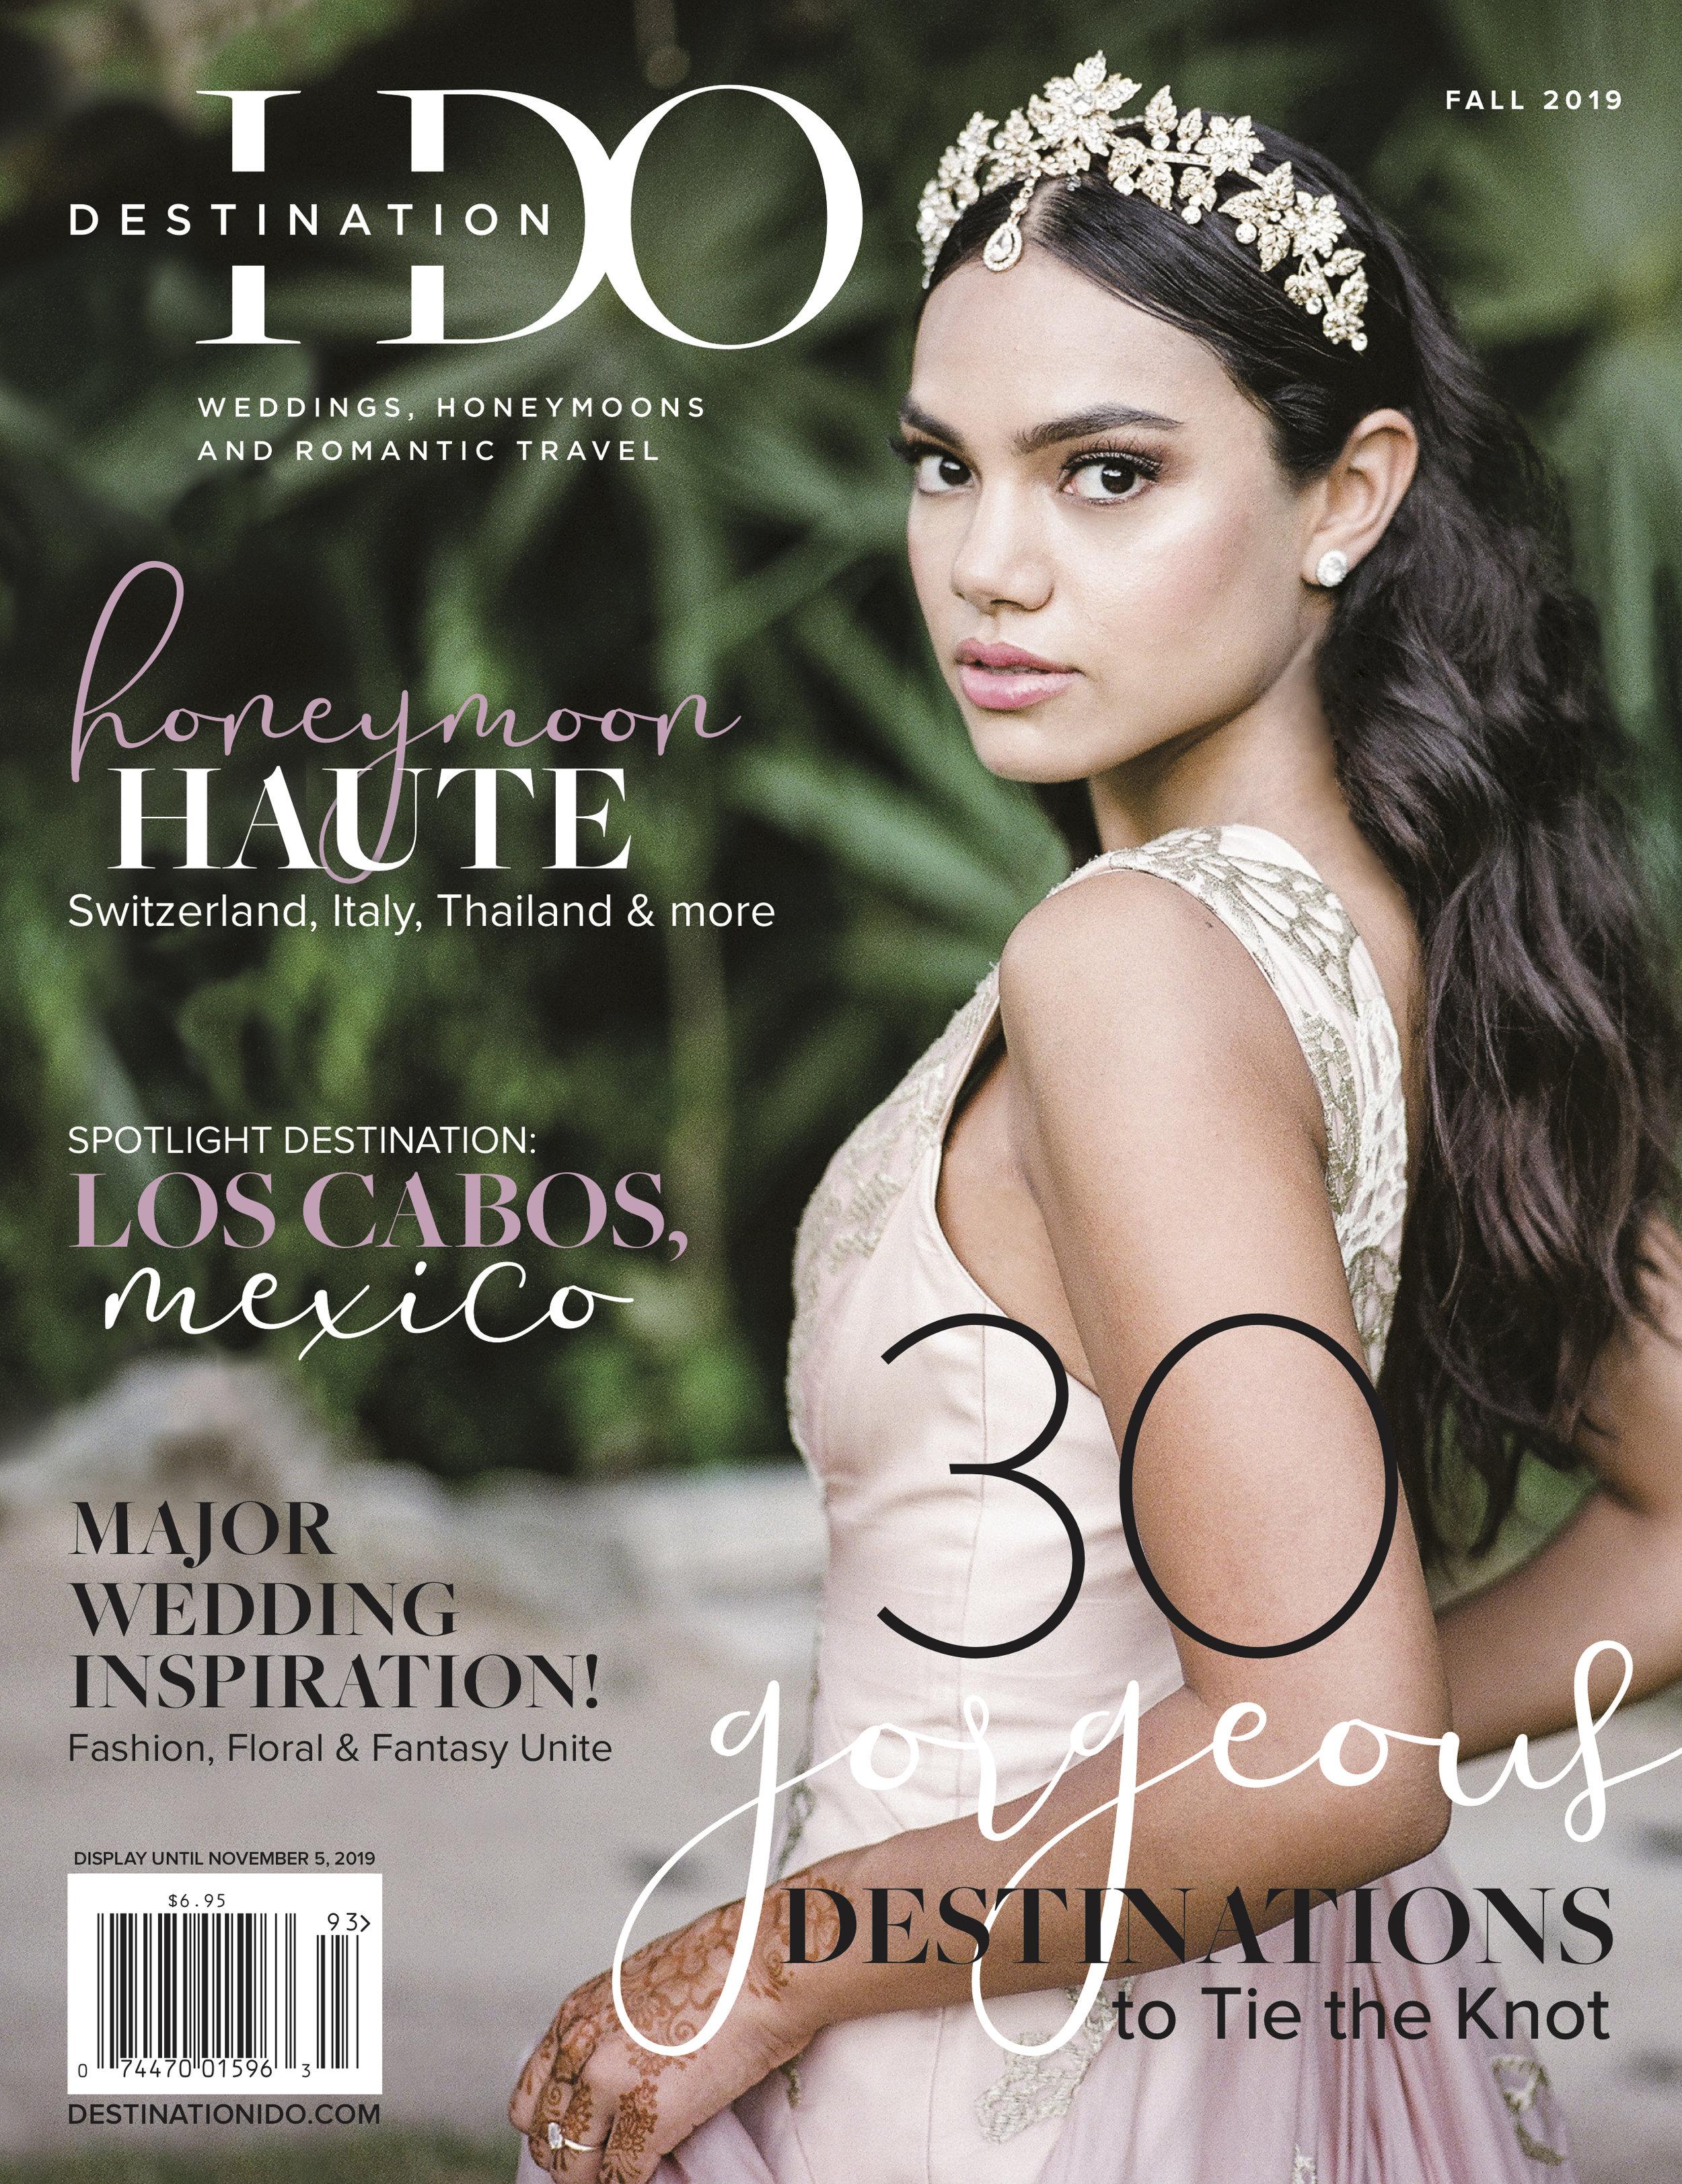 Hibisci gown in Destination I do magazine.jpg